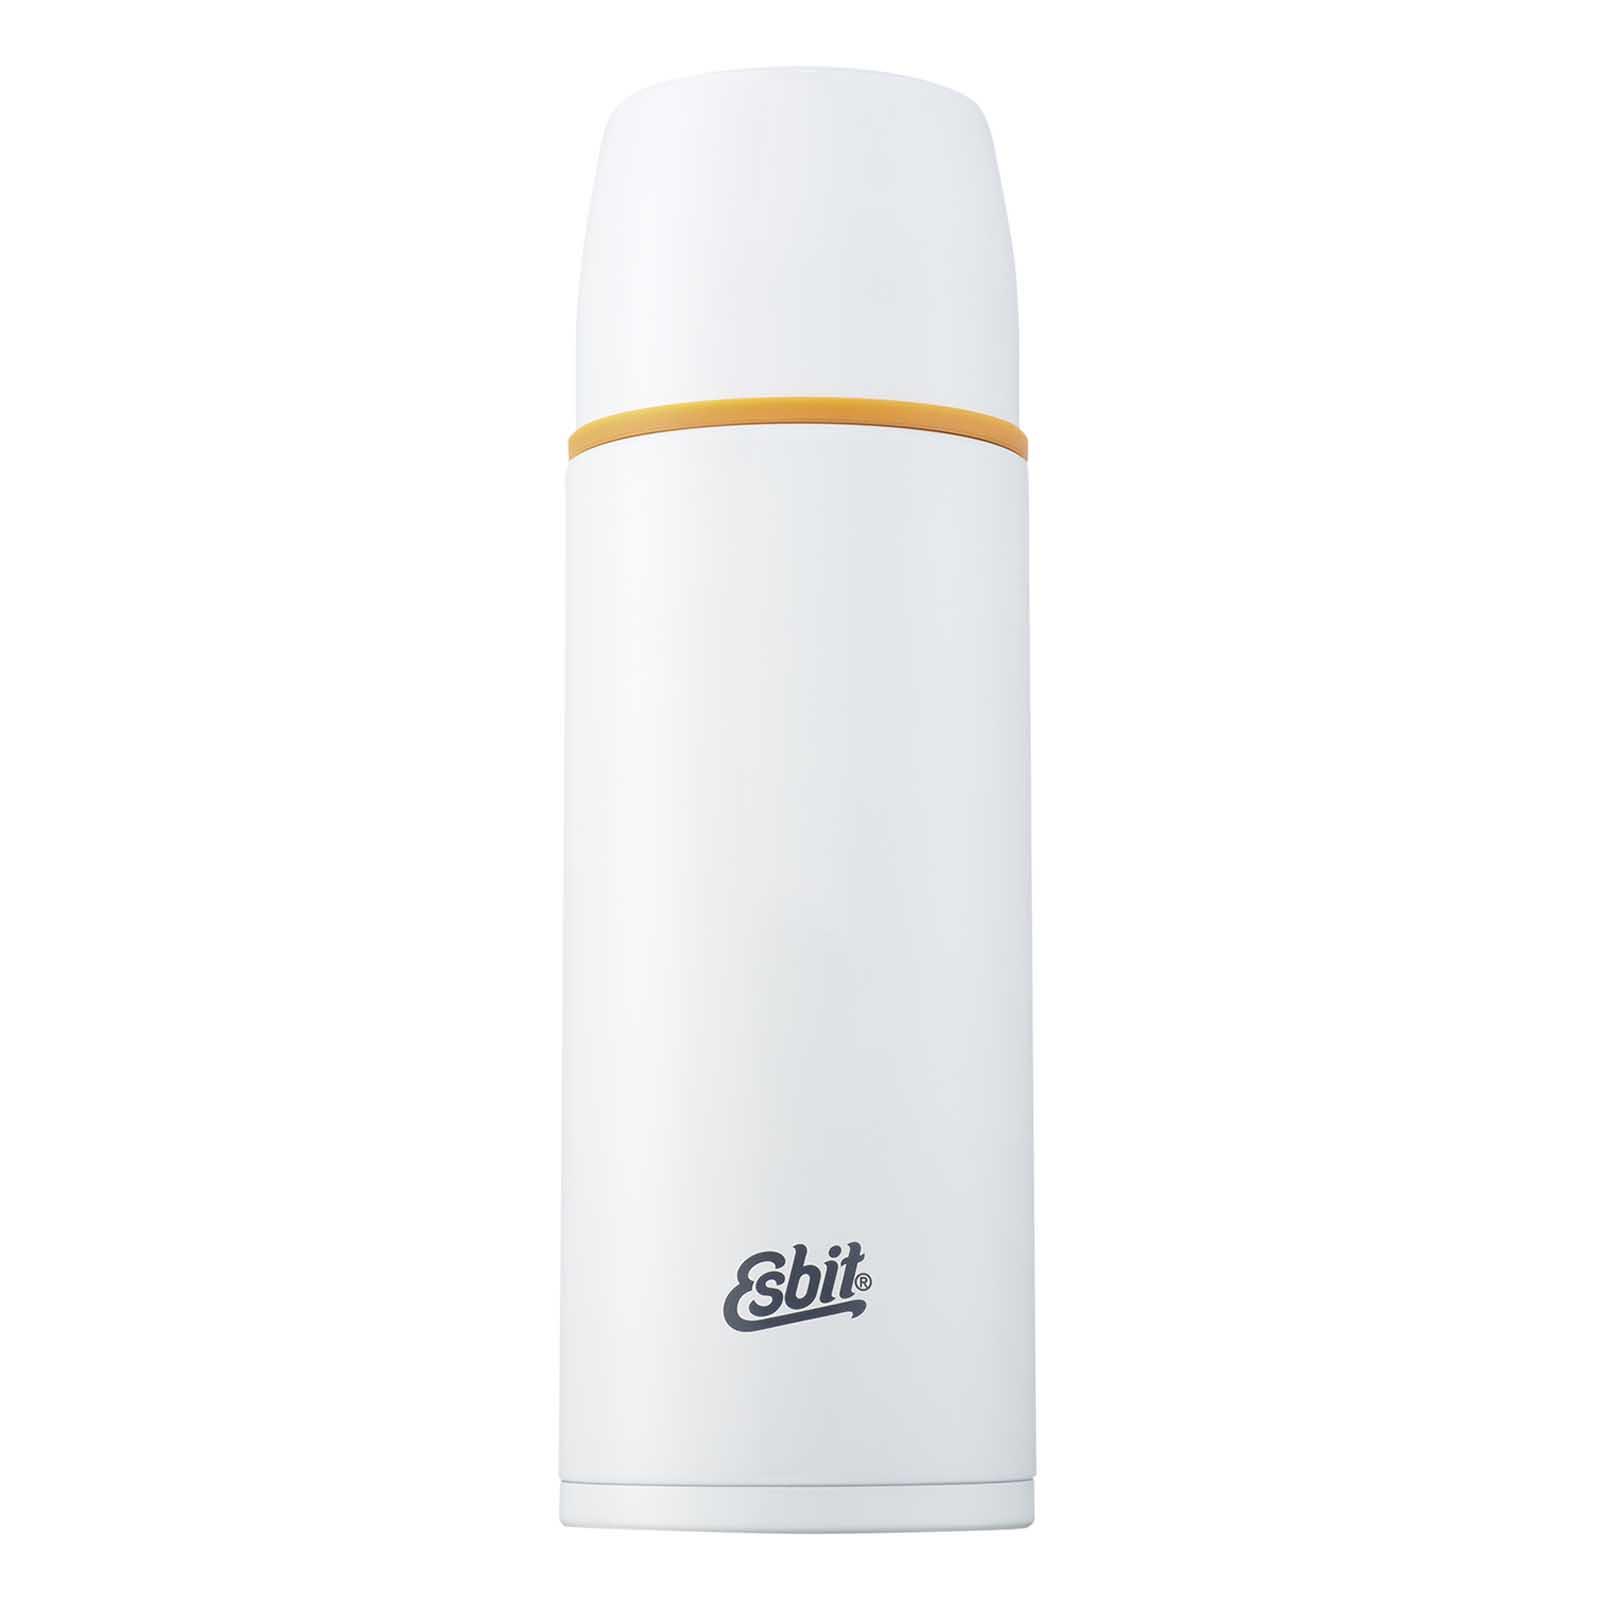 Термос Esbit POLAR, новый дизайн, бело-оранжевый, Термосы<br>Описание термоса Esbit POLAR: Термос из нержавеющей <br>стали с двумя чашками и дополнительной <br>пробкой. Удобно наливать напитки. Высококачественная <br>конструкция термоса сохраняет напитки <br>холодными / горячими длительное время. Особенности: <br>высококачественная нержавеющая сталь крышка <br>превращается в 2 чашки сохраняет напитки <br>холодными / горячими длительное время внутренний <br>пробка с возможностью наливания жидкости <br>удобно мыть дополнительная пробка с резьбой <br>Характеристики: При температуре воды ~ 98° <br>C и температуре окружающей среды ~ 20° C ± <br>2° С температура напитка: Через 6 ч: ~ 85° C <br>Через 12 ч: ~ 75° C Через 24 ч: ~ 60° C Технические <br>характеристики: Материал: нержавеющая сталь <br>Размер: 275 х ? 90 мм Вес: 537 г Объем: 1000 мл<br>